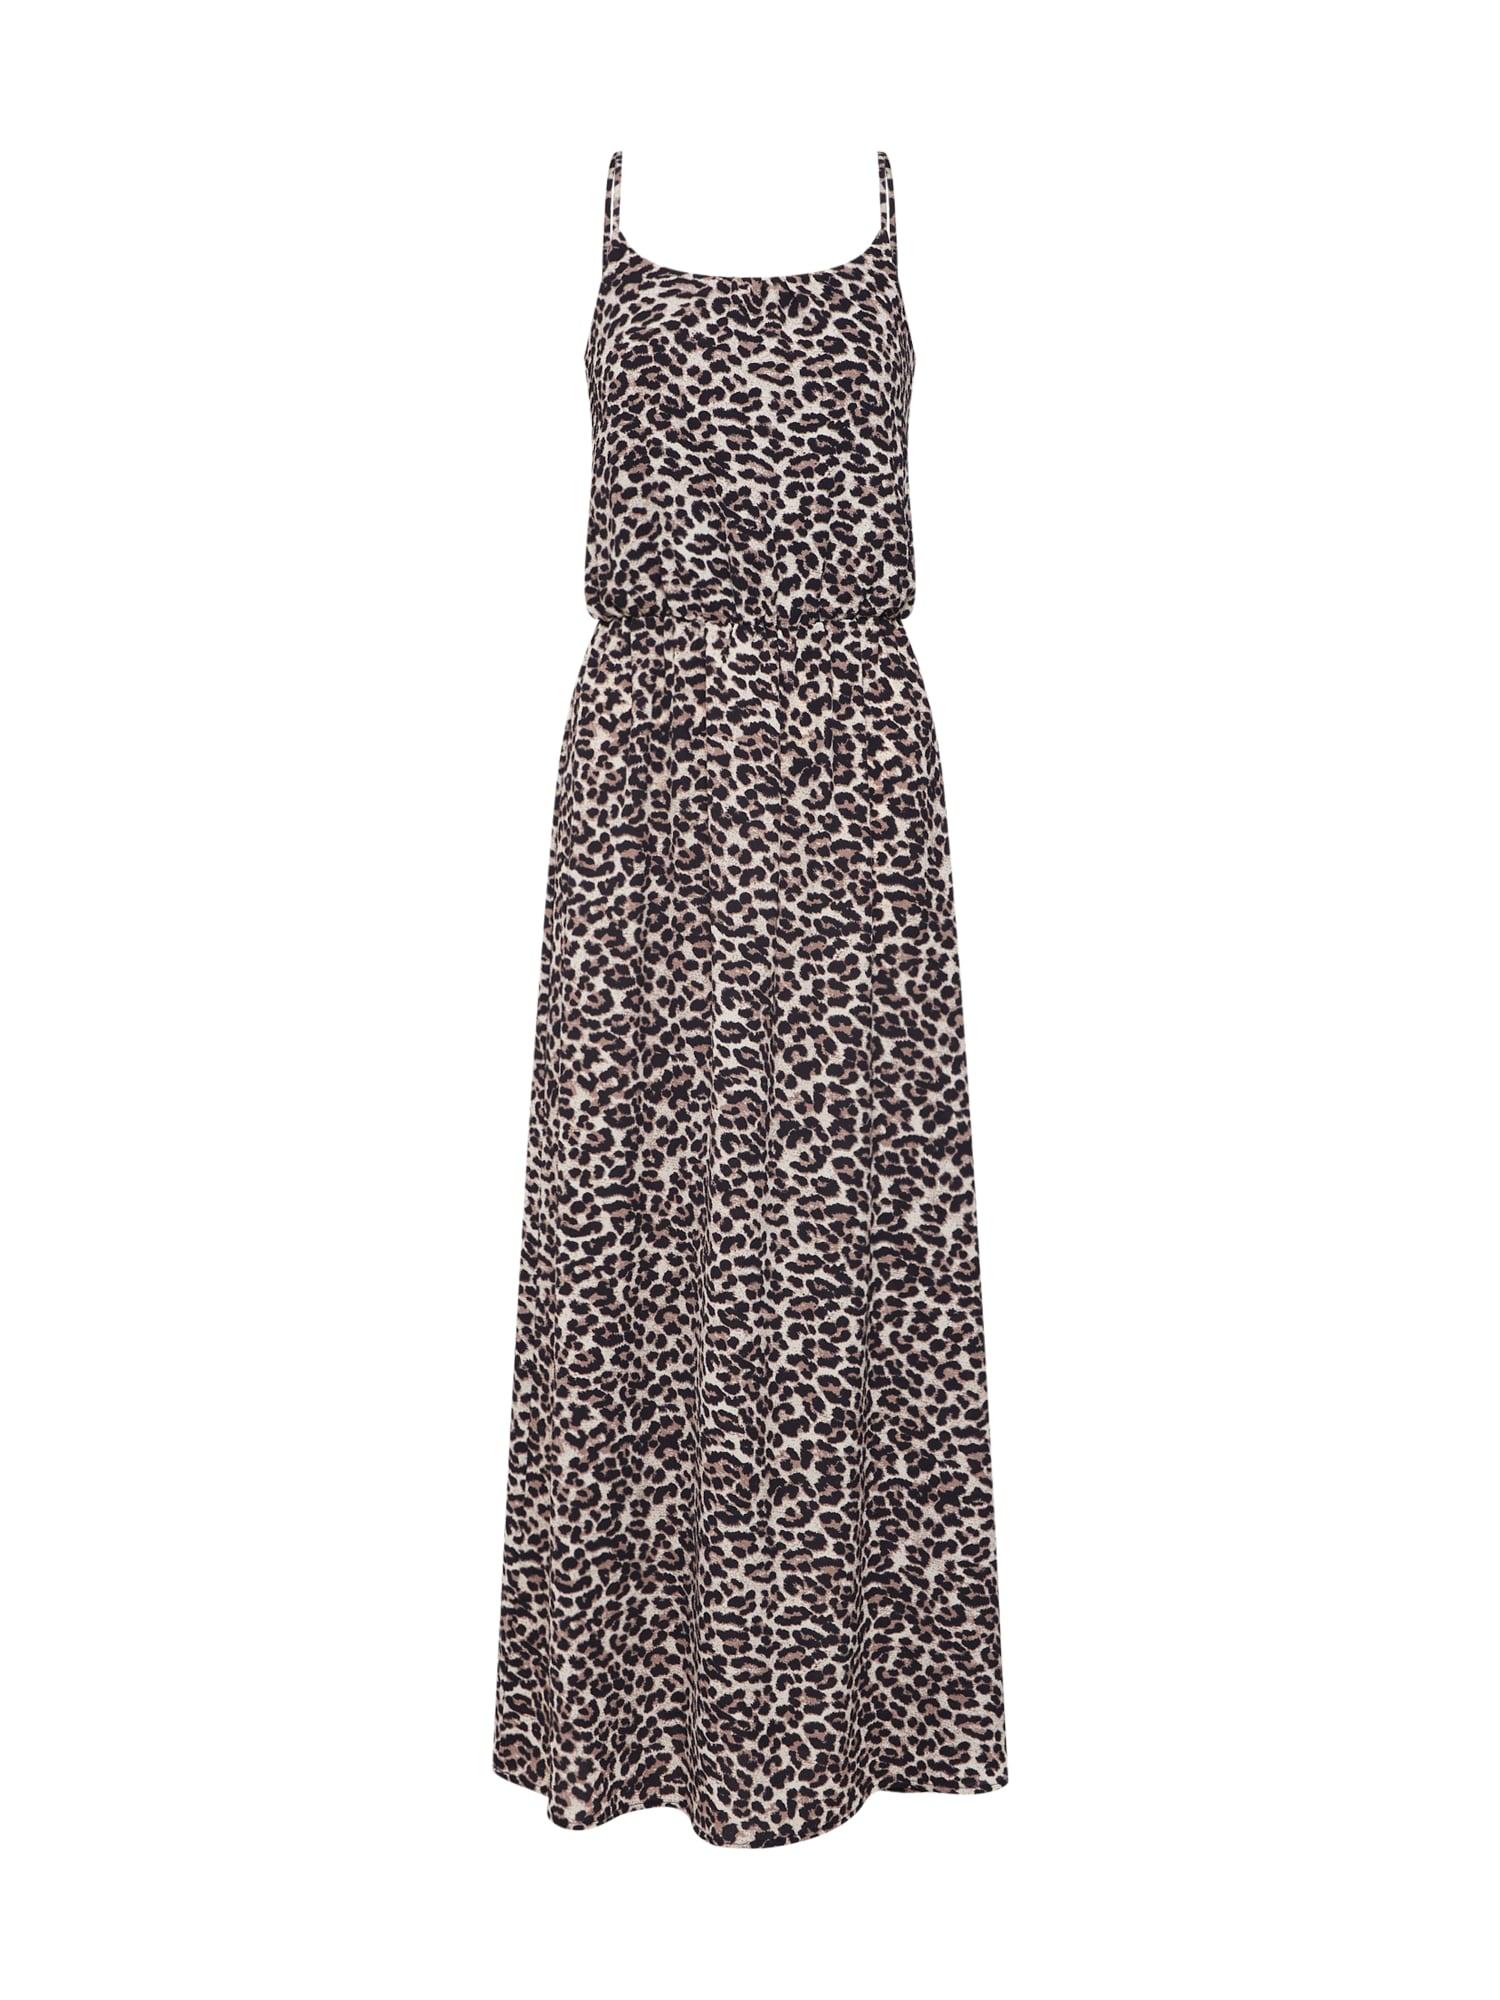 Letní šaty Winner SL WVN světle béžová hnědá černá ONLY